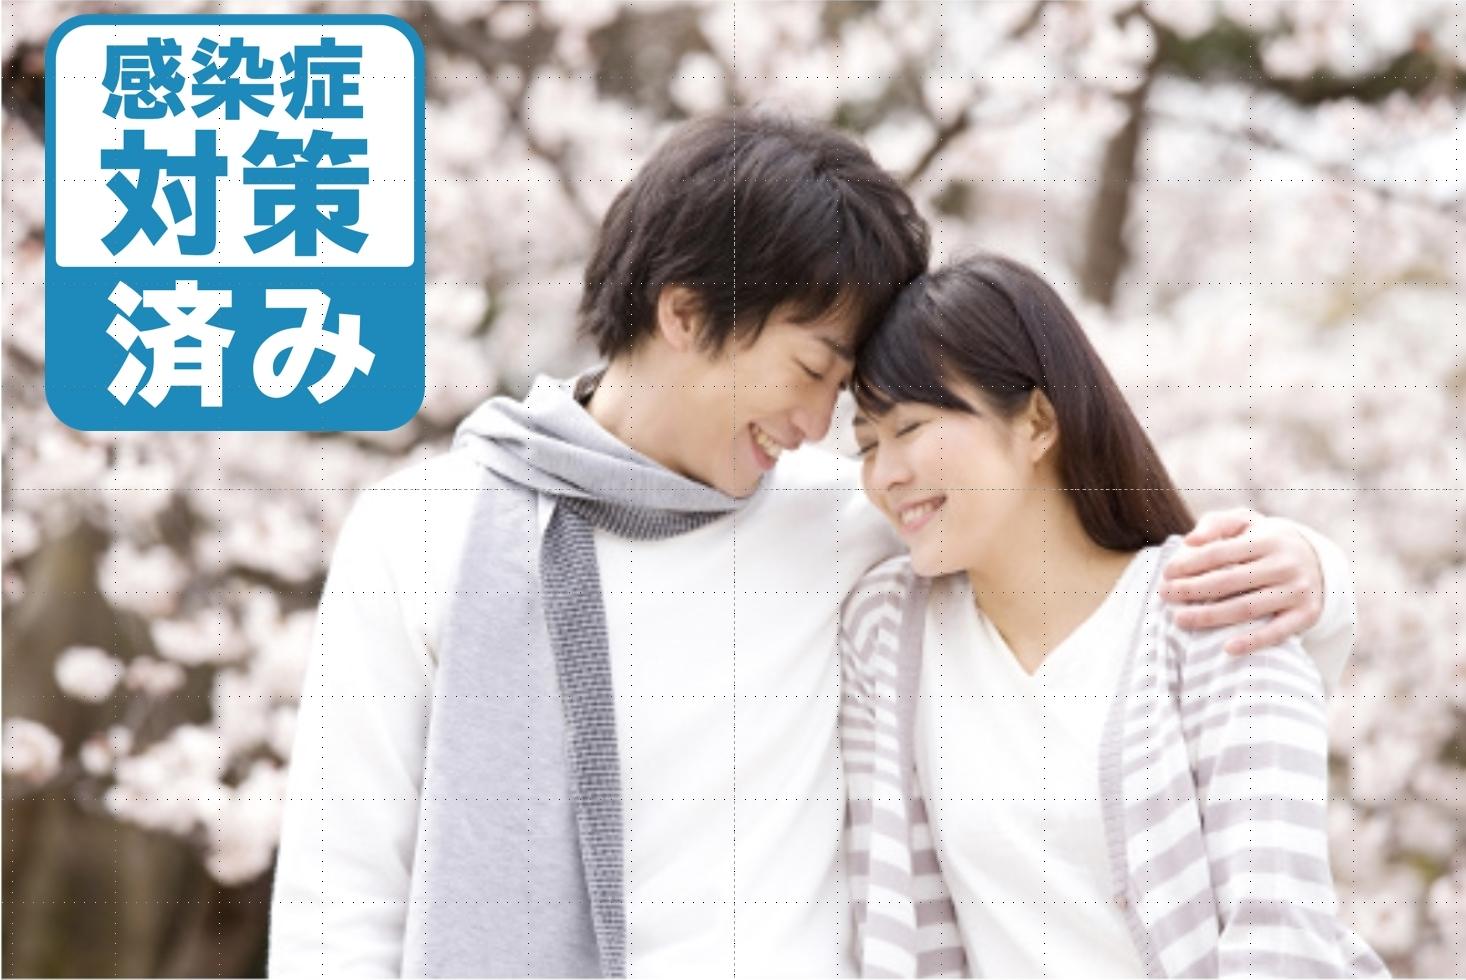 5月31日 真剣婚活 Ichieお見合いパーティー開催決定!